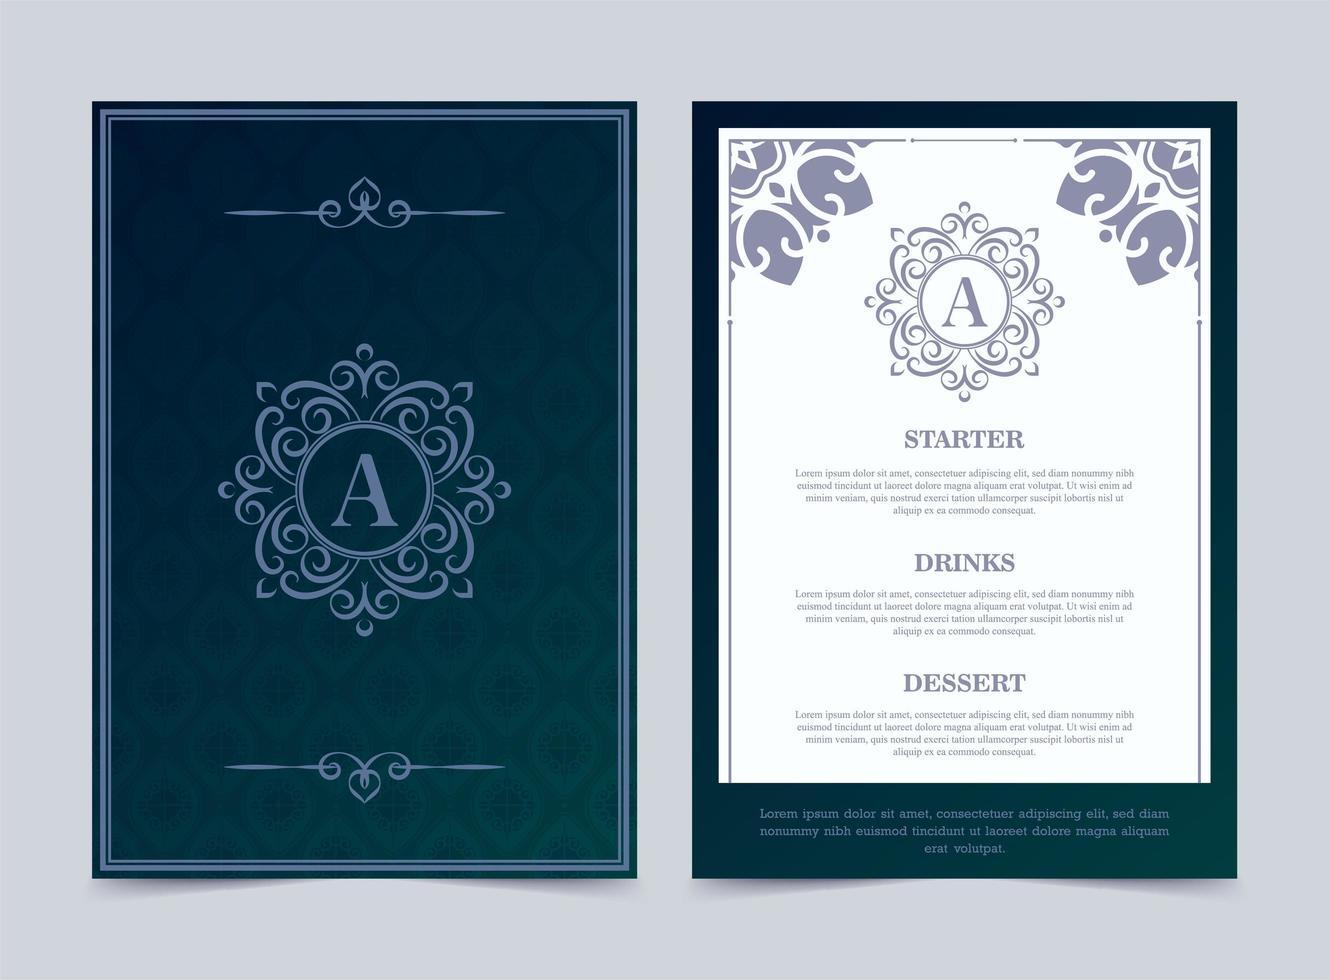 lyx restaurang meny designmall med utsmyckade logotyp vektor